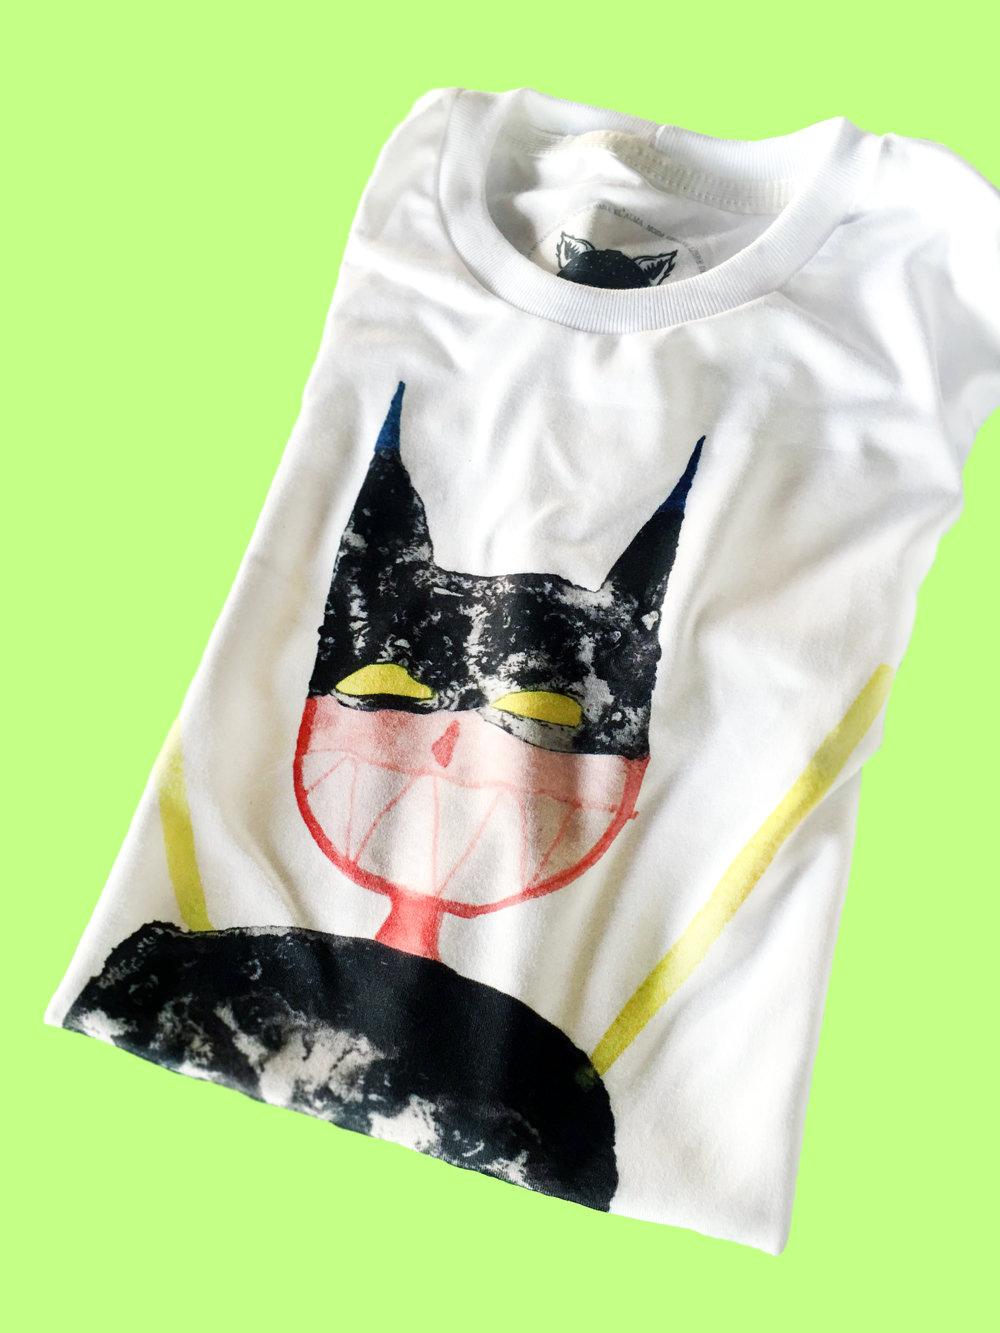 camiseta7.jpg